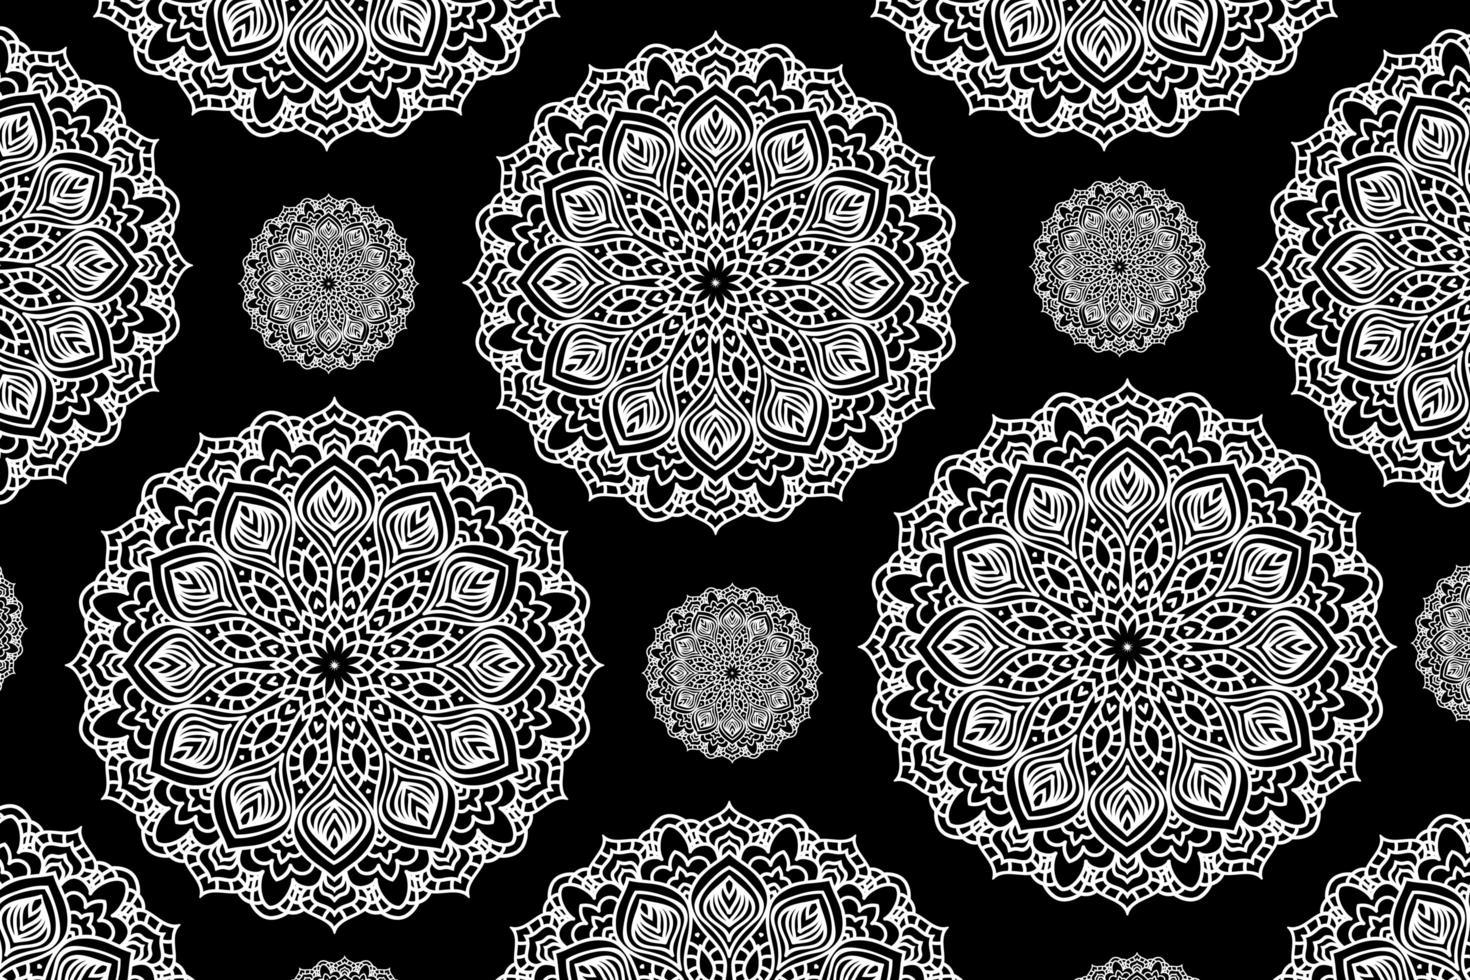 Fondo de mandala circular. adorno decorativo en estilo étnico oriental. página de libro para colorear. vector